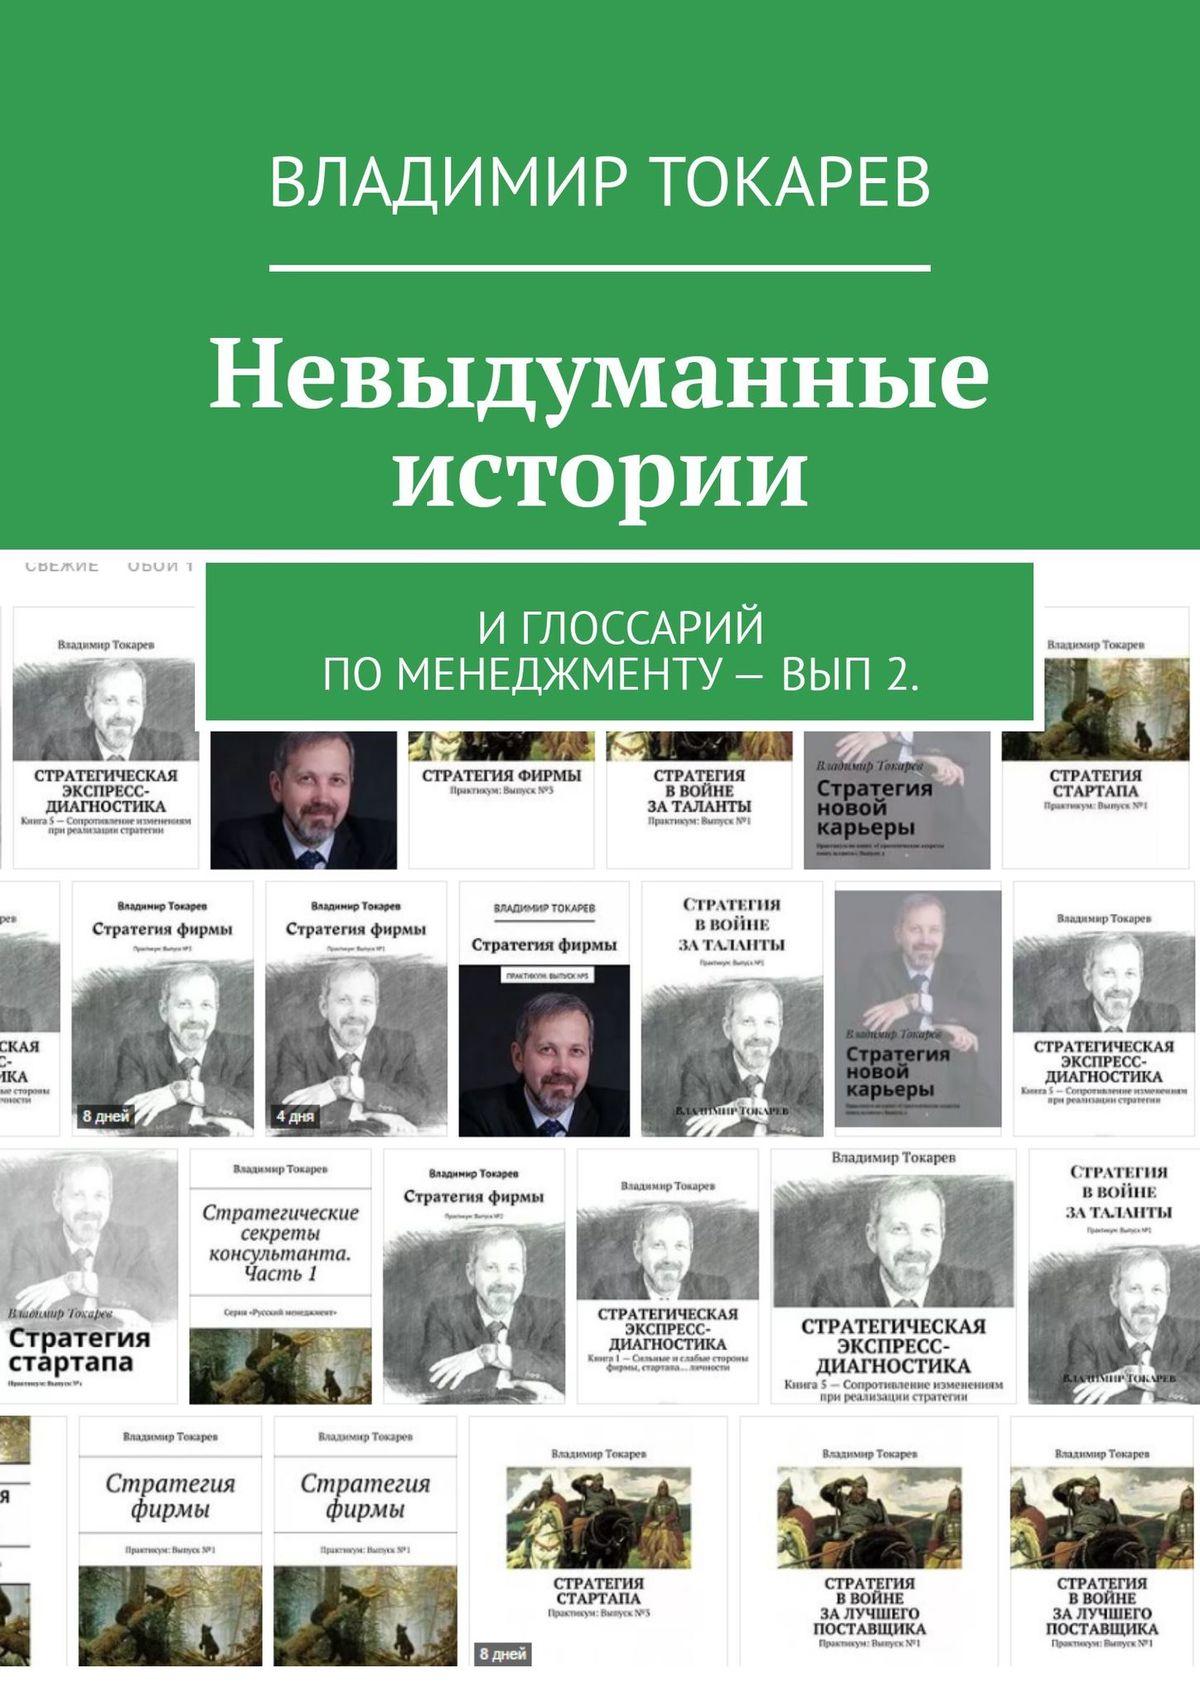 Владимир Токарев Невыдуманные истории. И глоссарий по менеджменту– вып2.